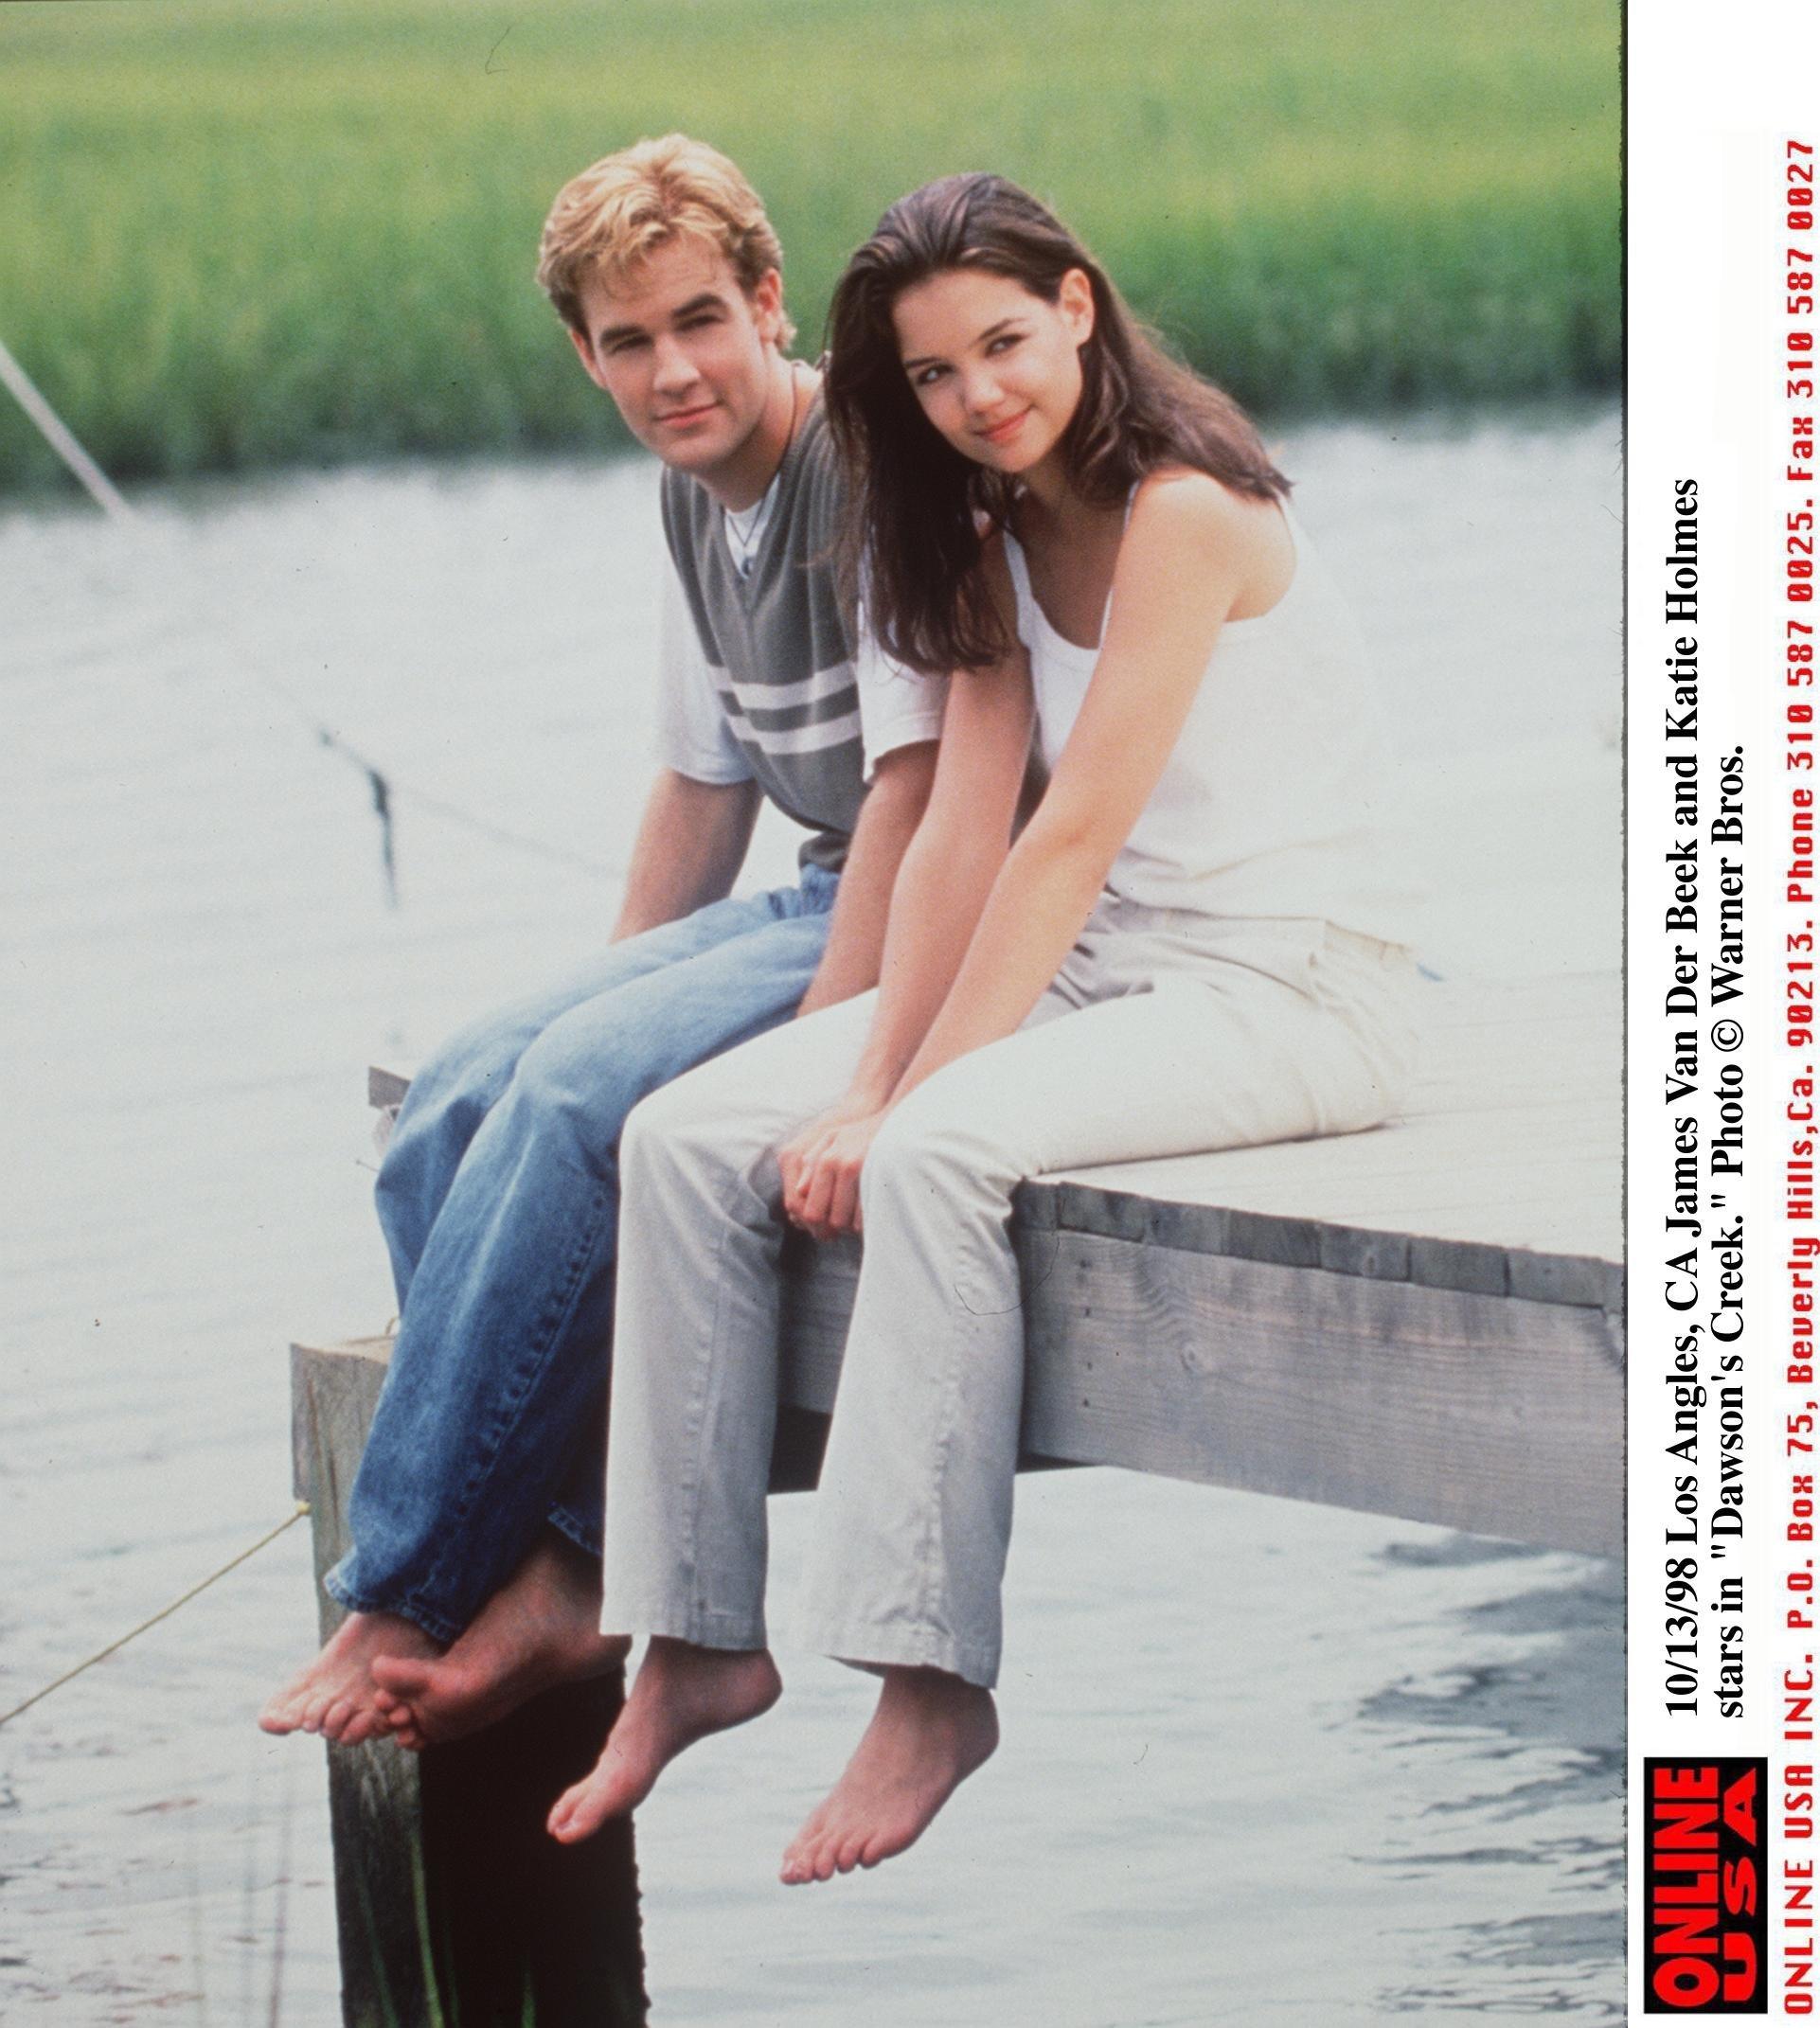 1998 James Van Der Beek and Katie Holmes star in 'Dawson's Creek..'